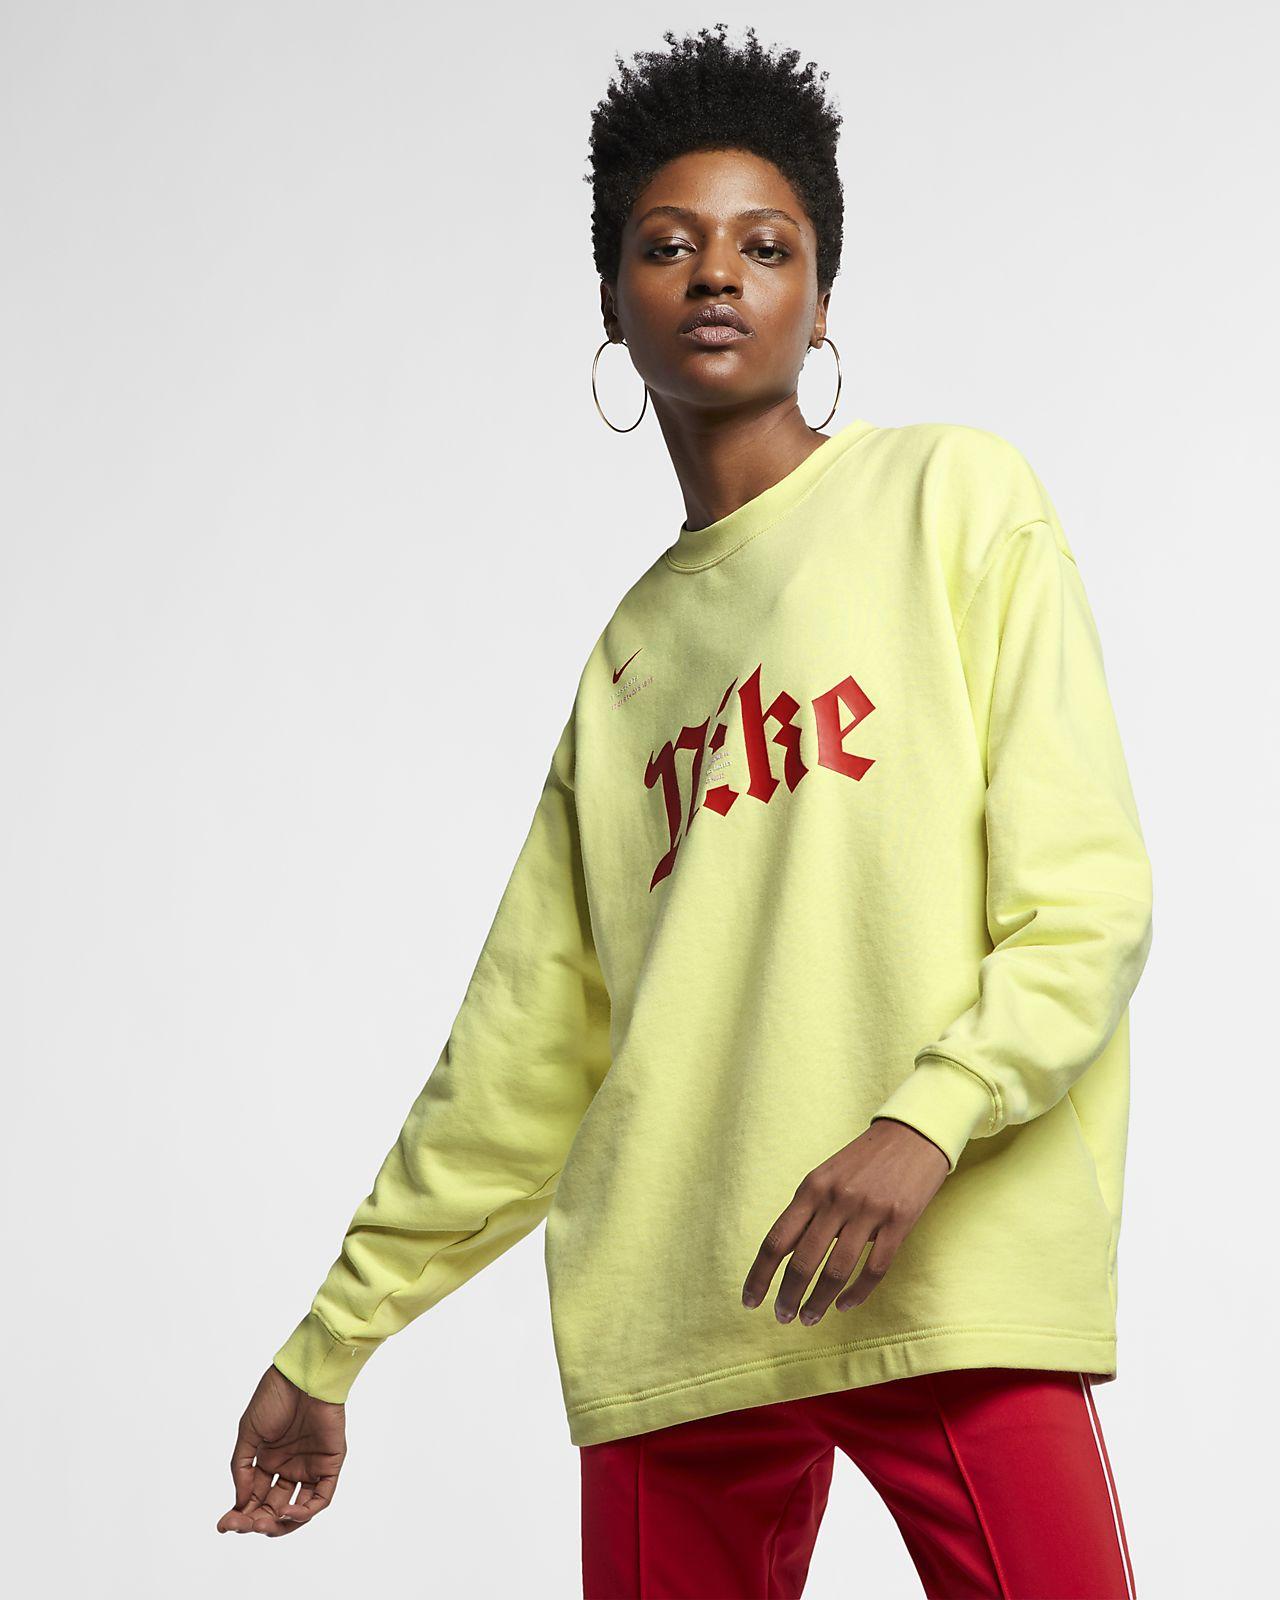 Nike Sportswear Unisex Long-Sleeve Fleece Crew by Alexis Quintero